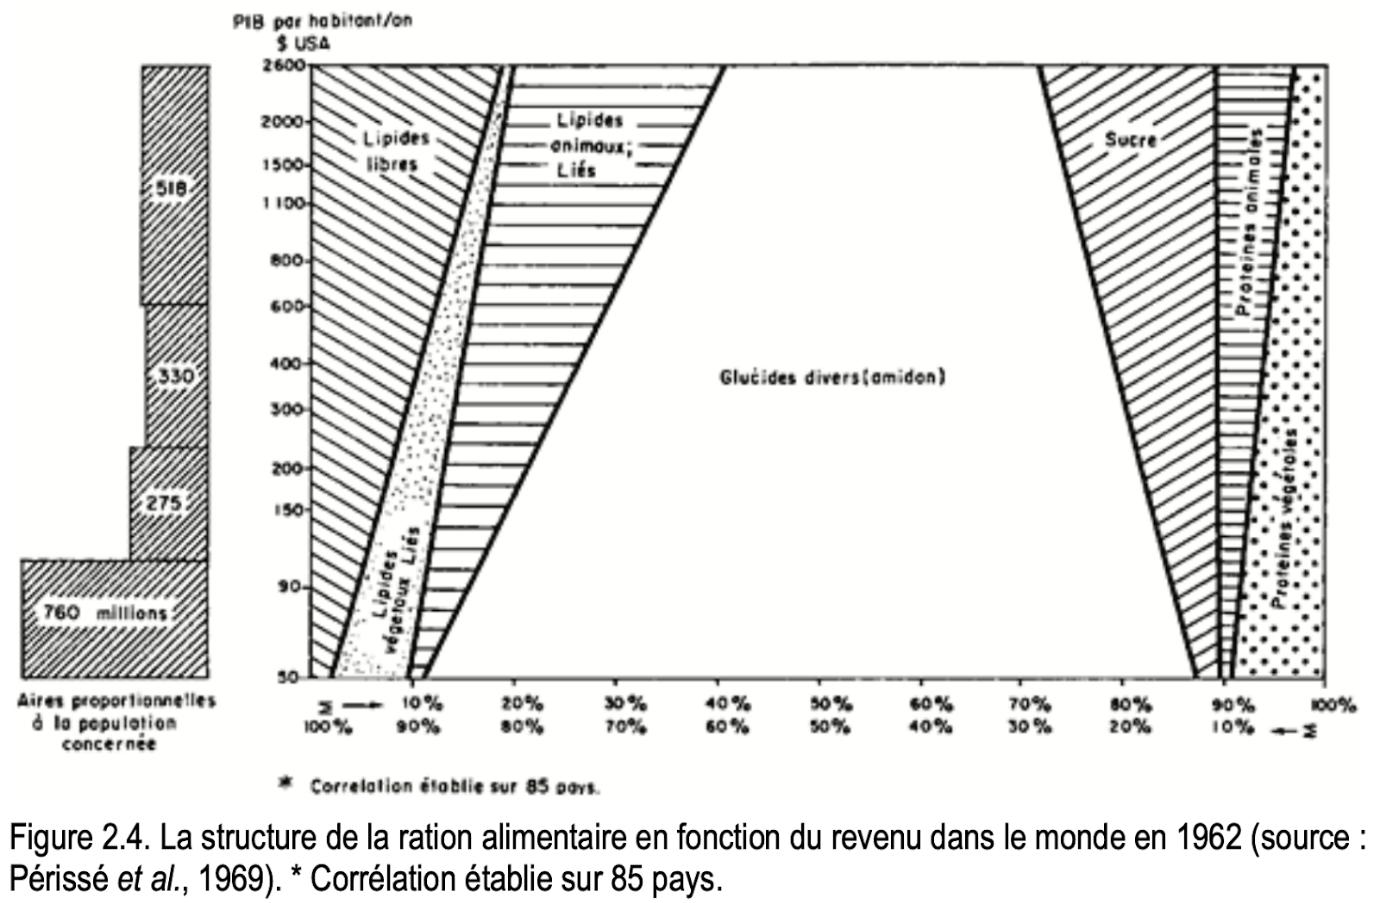 La structure de la ration alimentaire en fonction du revenu dans le monde en 1962